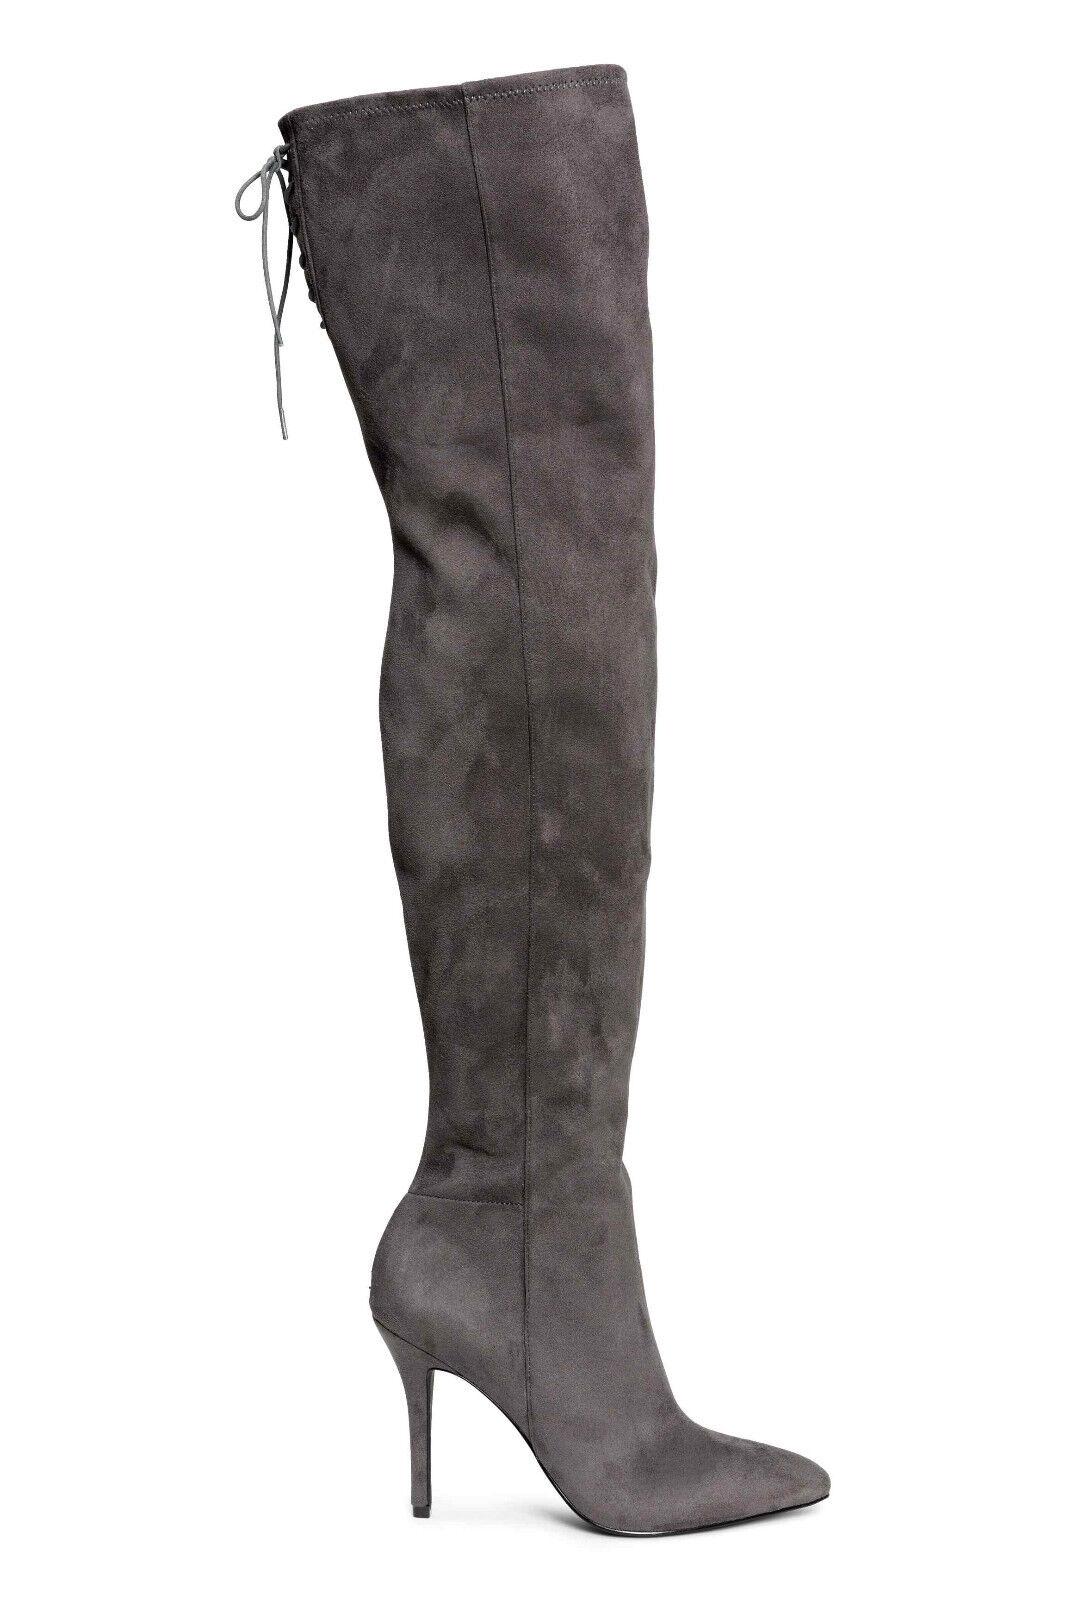 Z H&M GRIGIO GRIGIO ECOPELLE tacco SCAMOSCIATA coscia al ginocchio tacco ECOPELLE a spillo Pull On Stivali 8 41 10 5a92d6